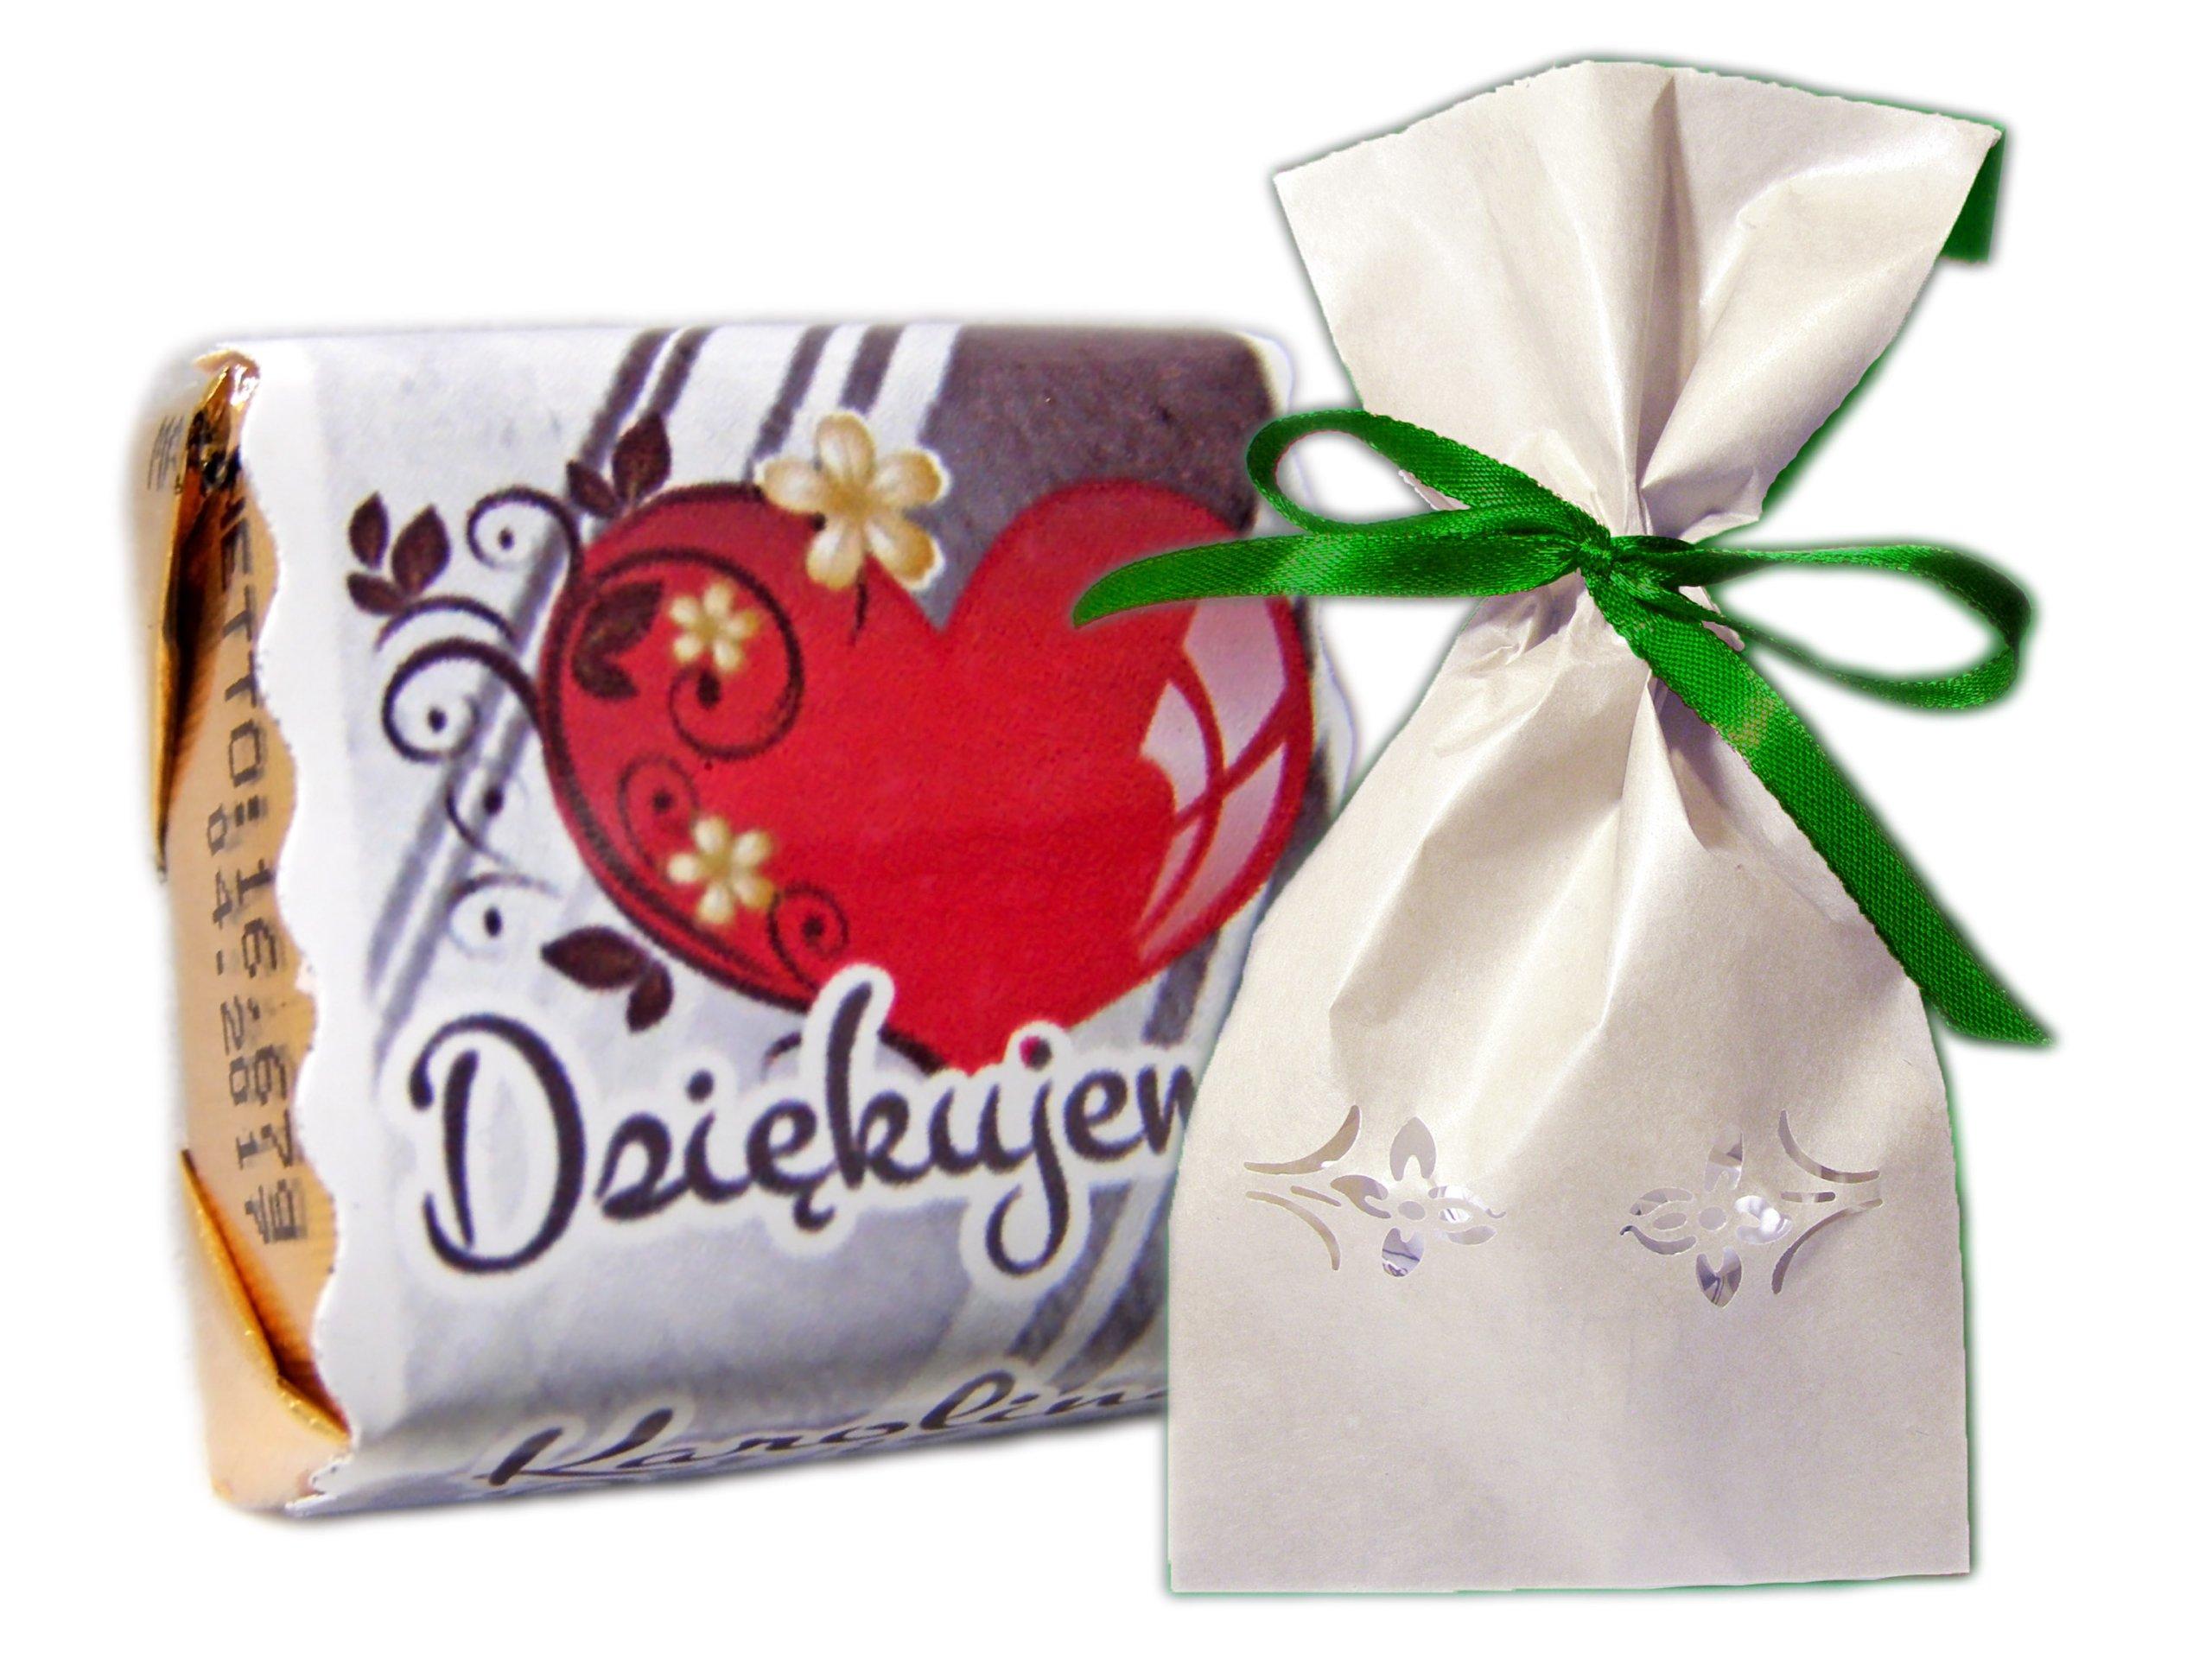 Foto czekoladki podziekowania ślub KORONKOWY worek